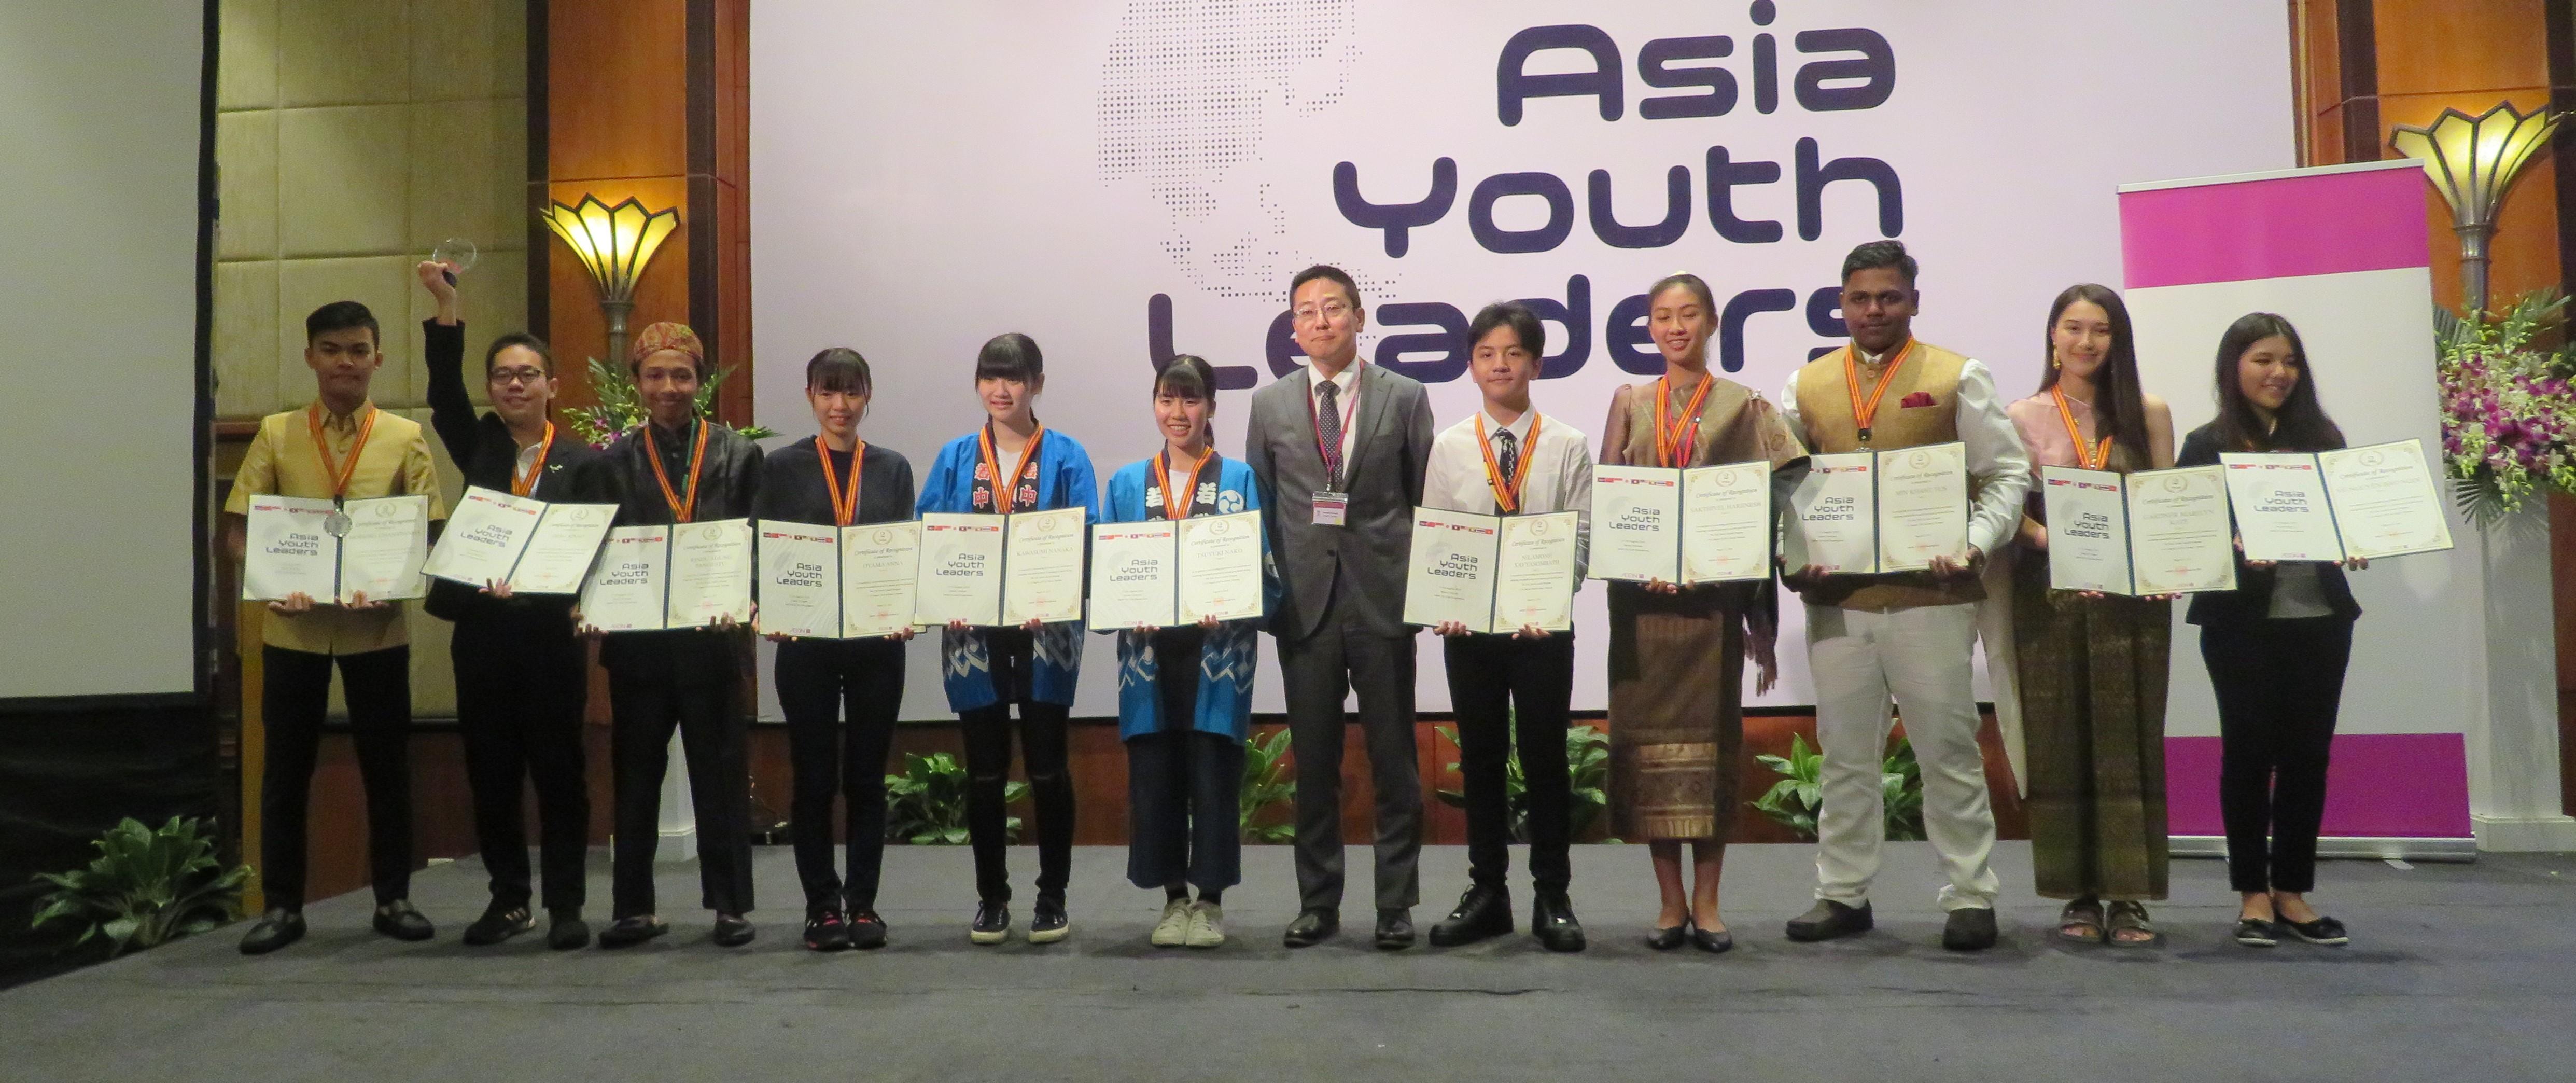 アジアユースリーダーズ アジア9カ国の高校生が、開催国の社会問題について英語を共通言語としてディスカッションを行い価値観の多様性について理解を深めるプログラムです。